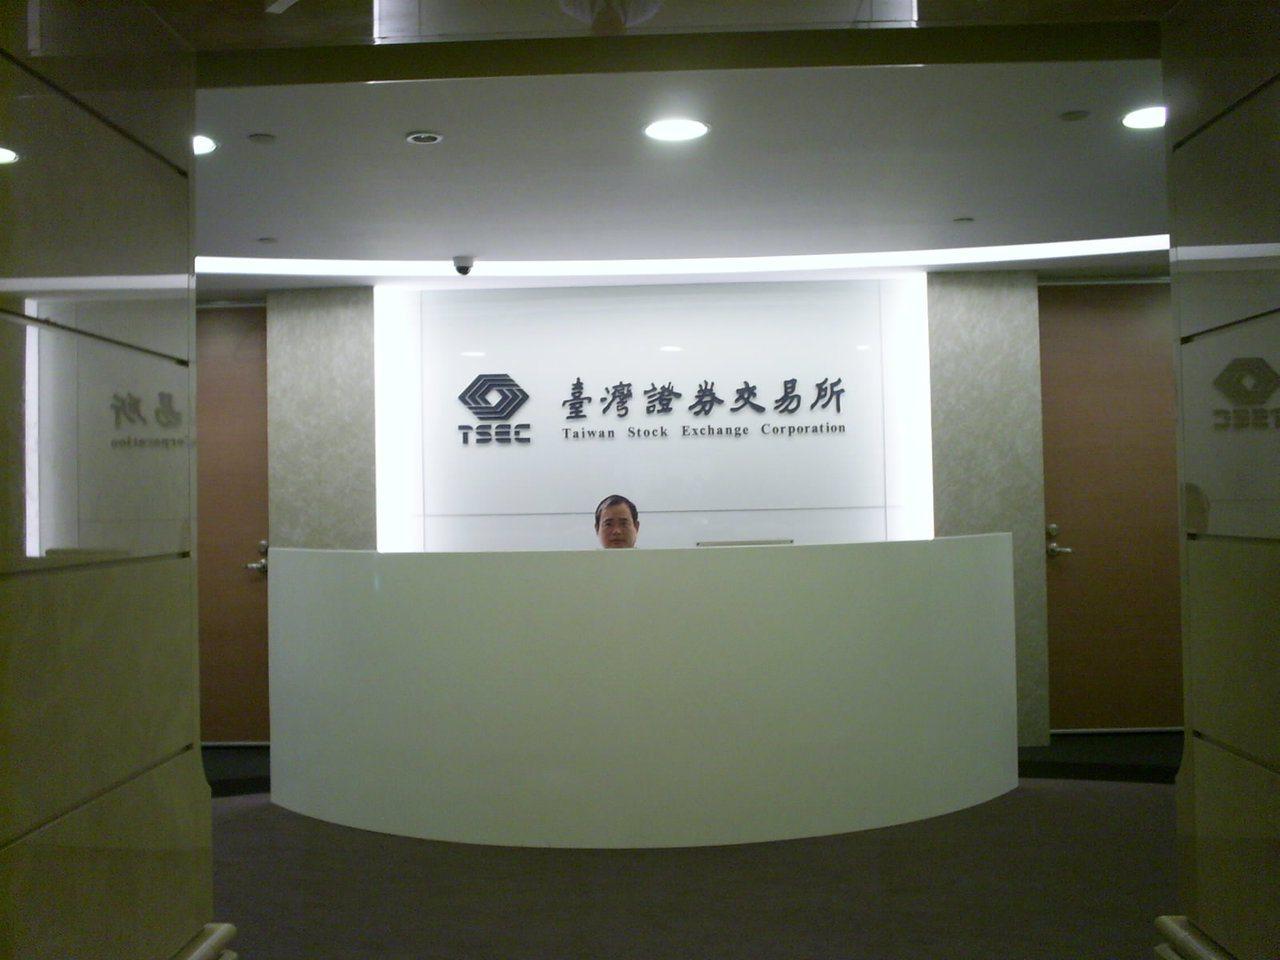 台灣證交所。 聯合報系資料照